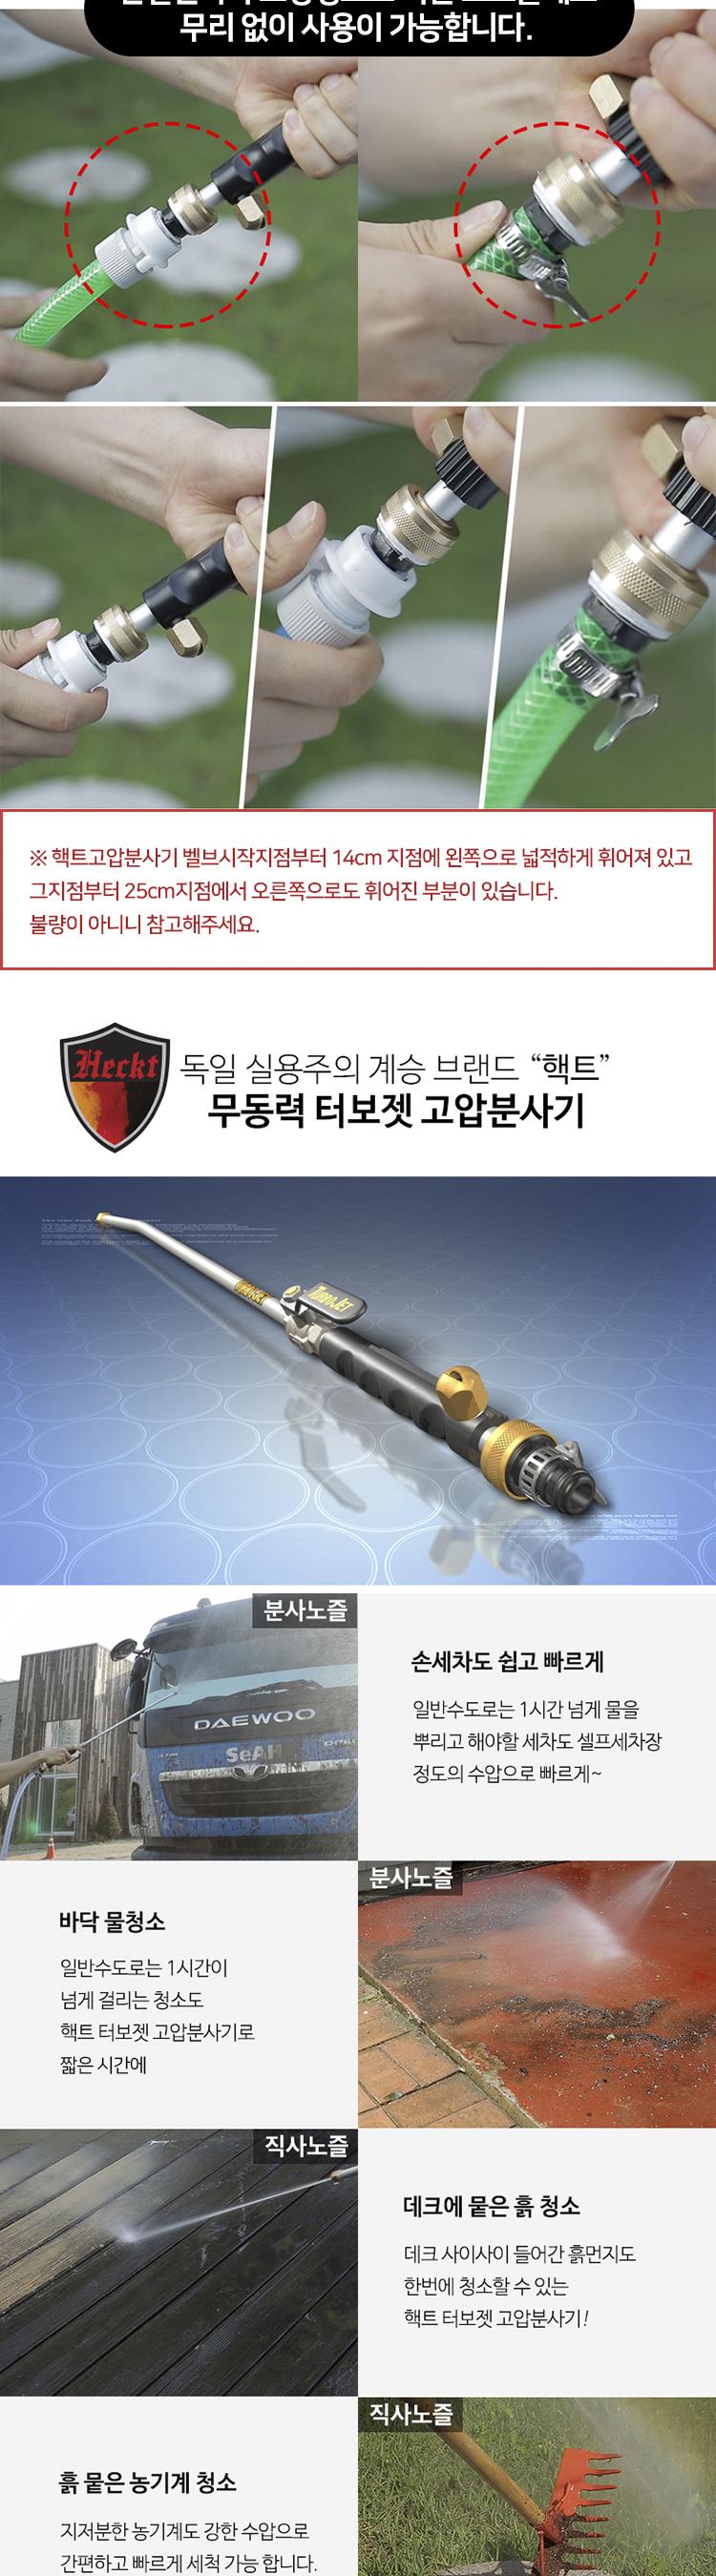 상품이미지4